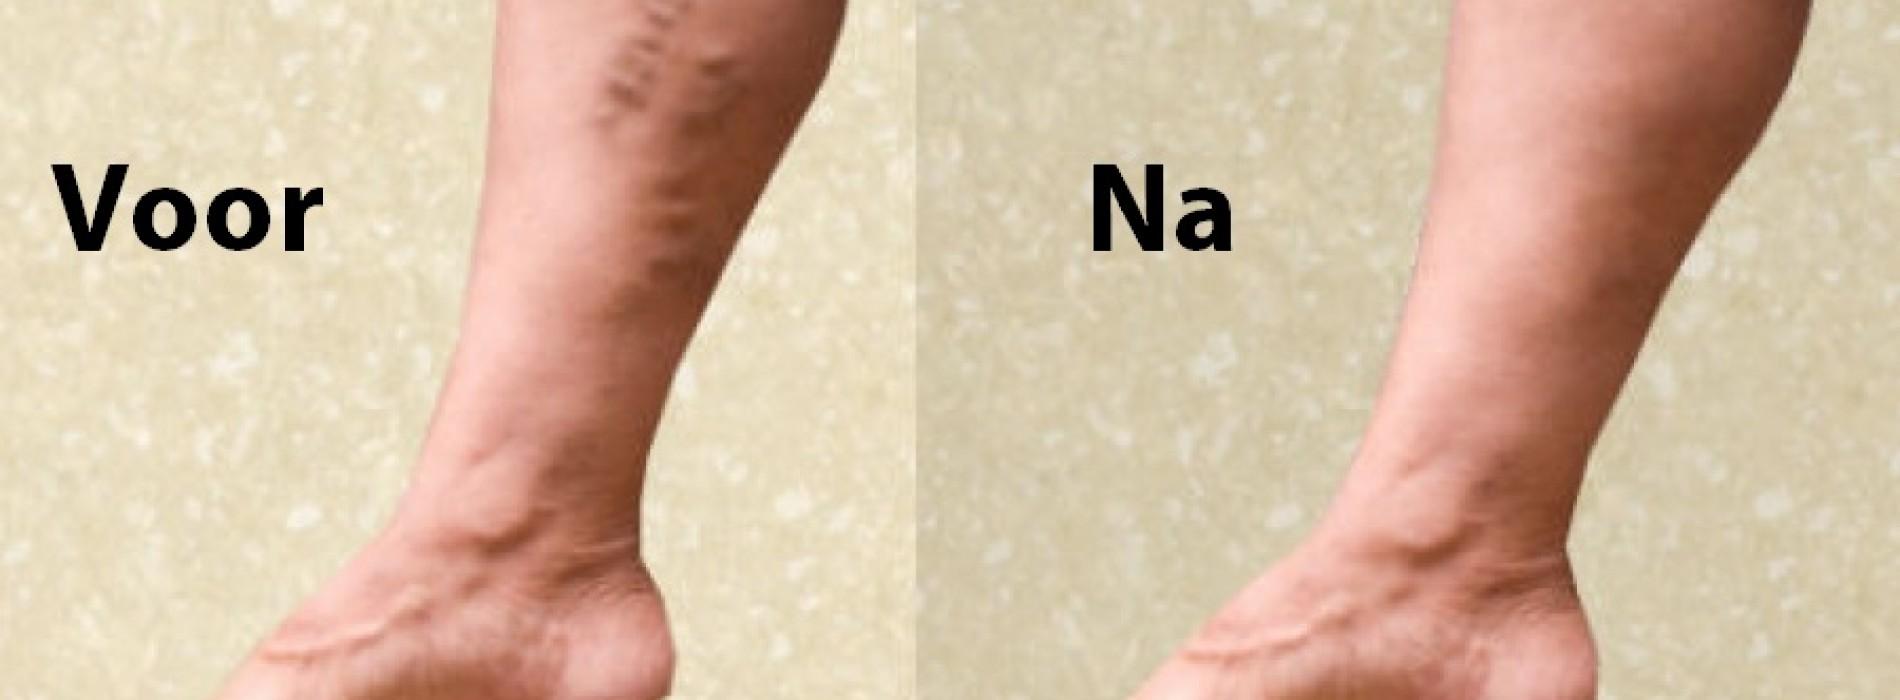 spataders verwijderen met zalf